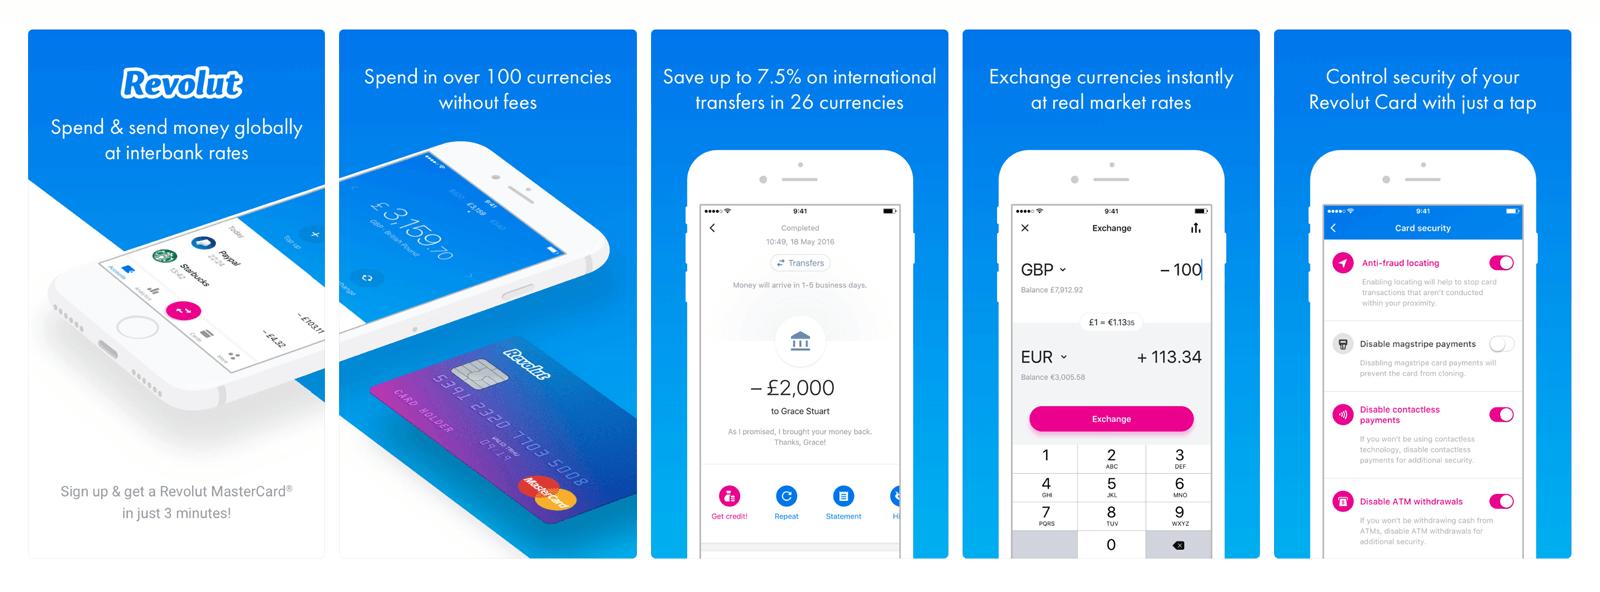 ボード App Store Inspo のピン